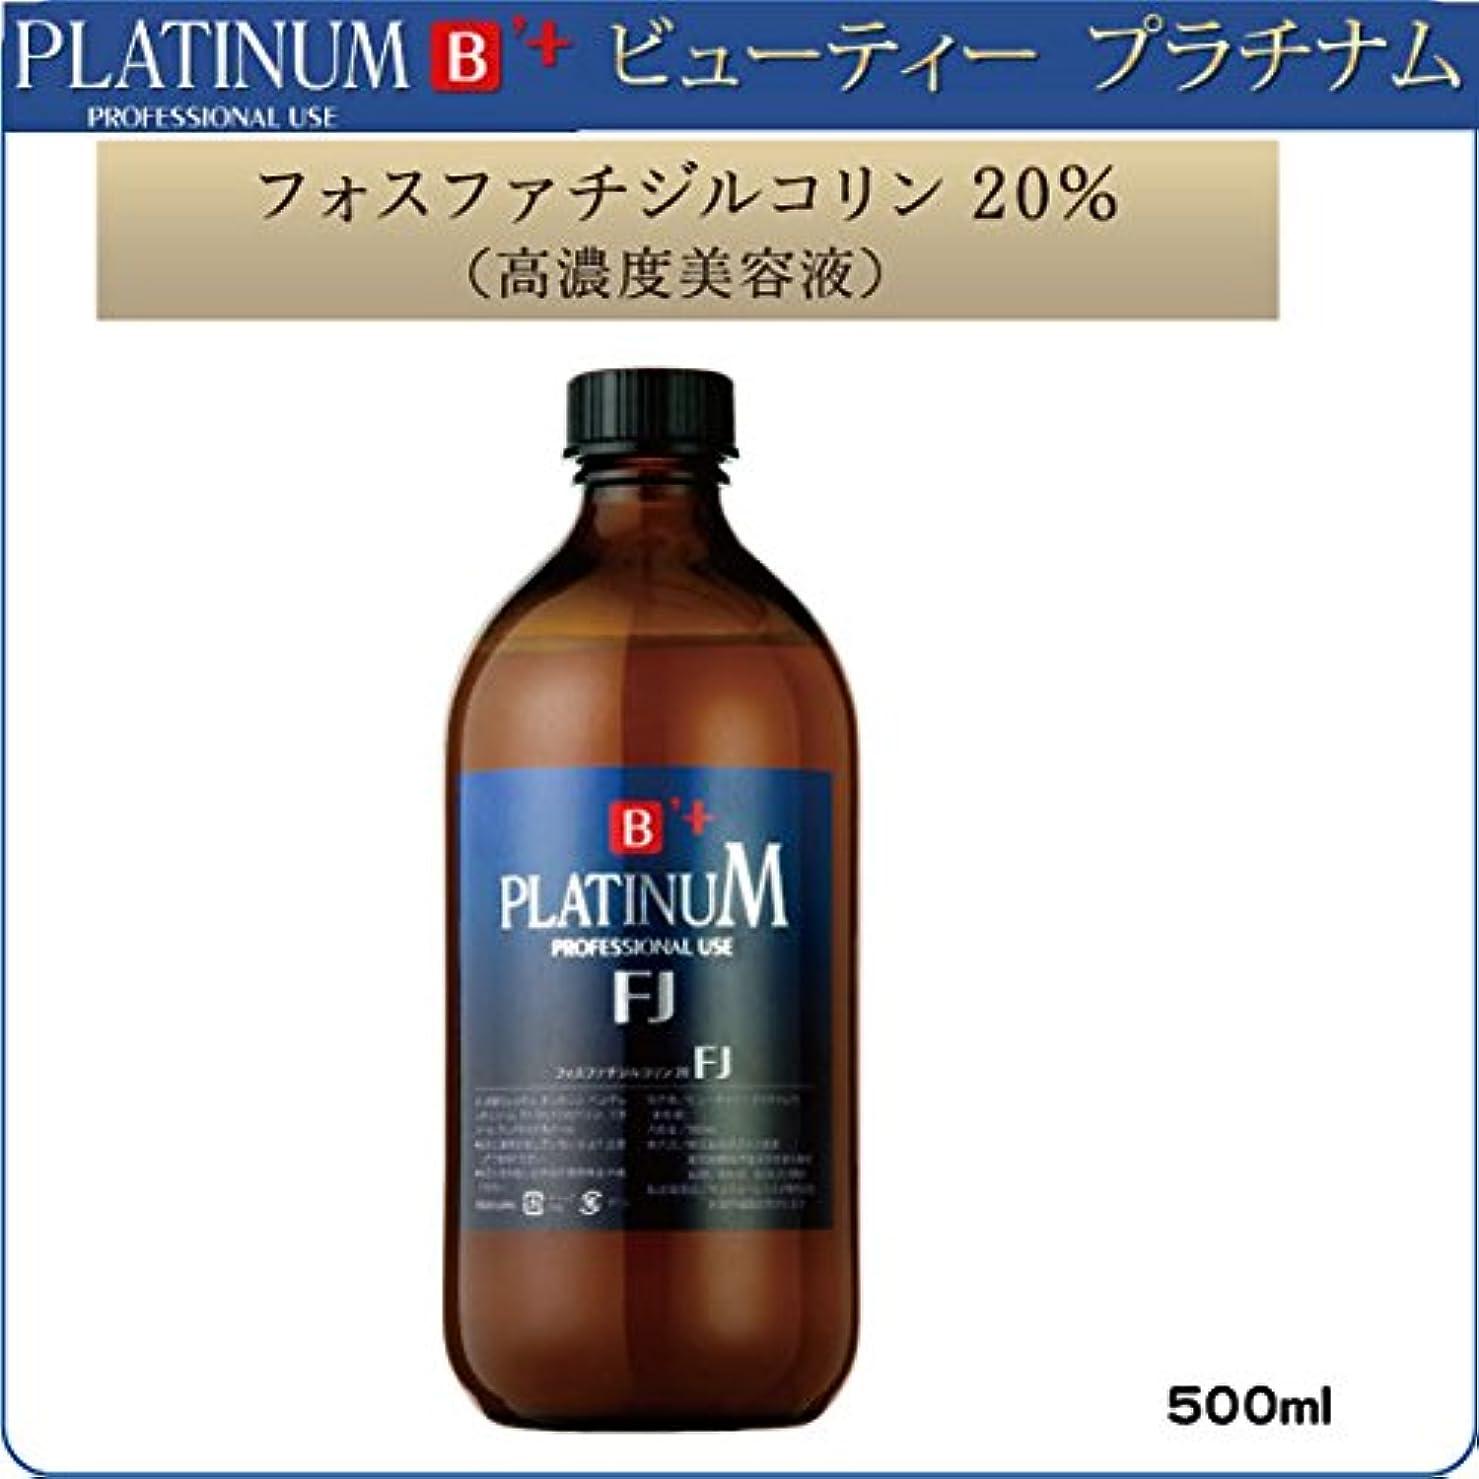 アボートクラックポット化学薬品【ビューティー プラチナム】 PLATINUM B'+  フォスファチジルコリン20%高濃度美容液  痩身専用:500ml